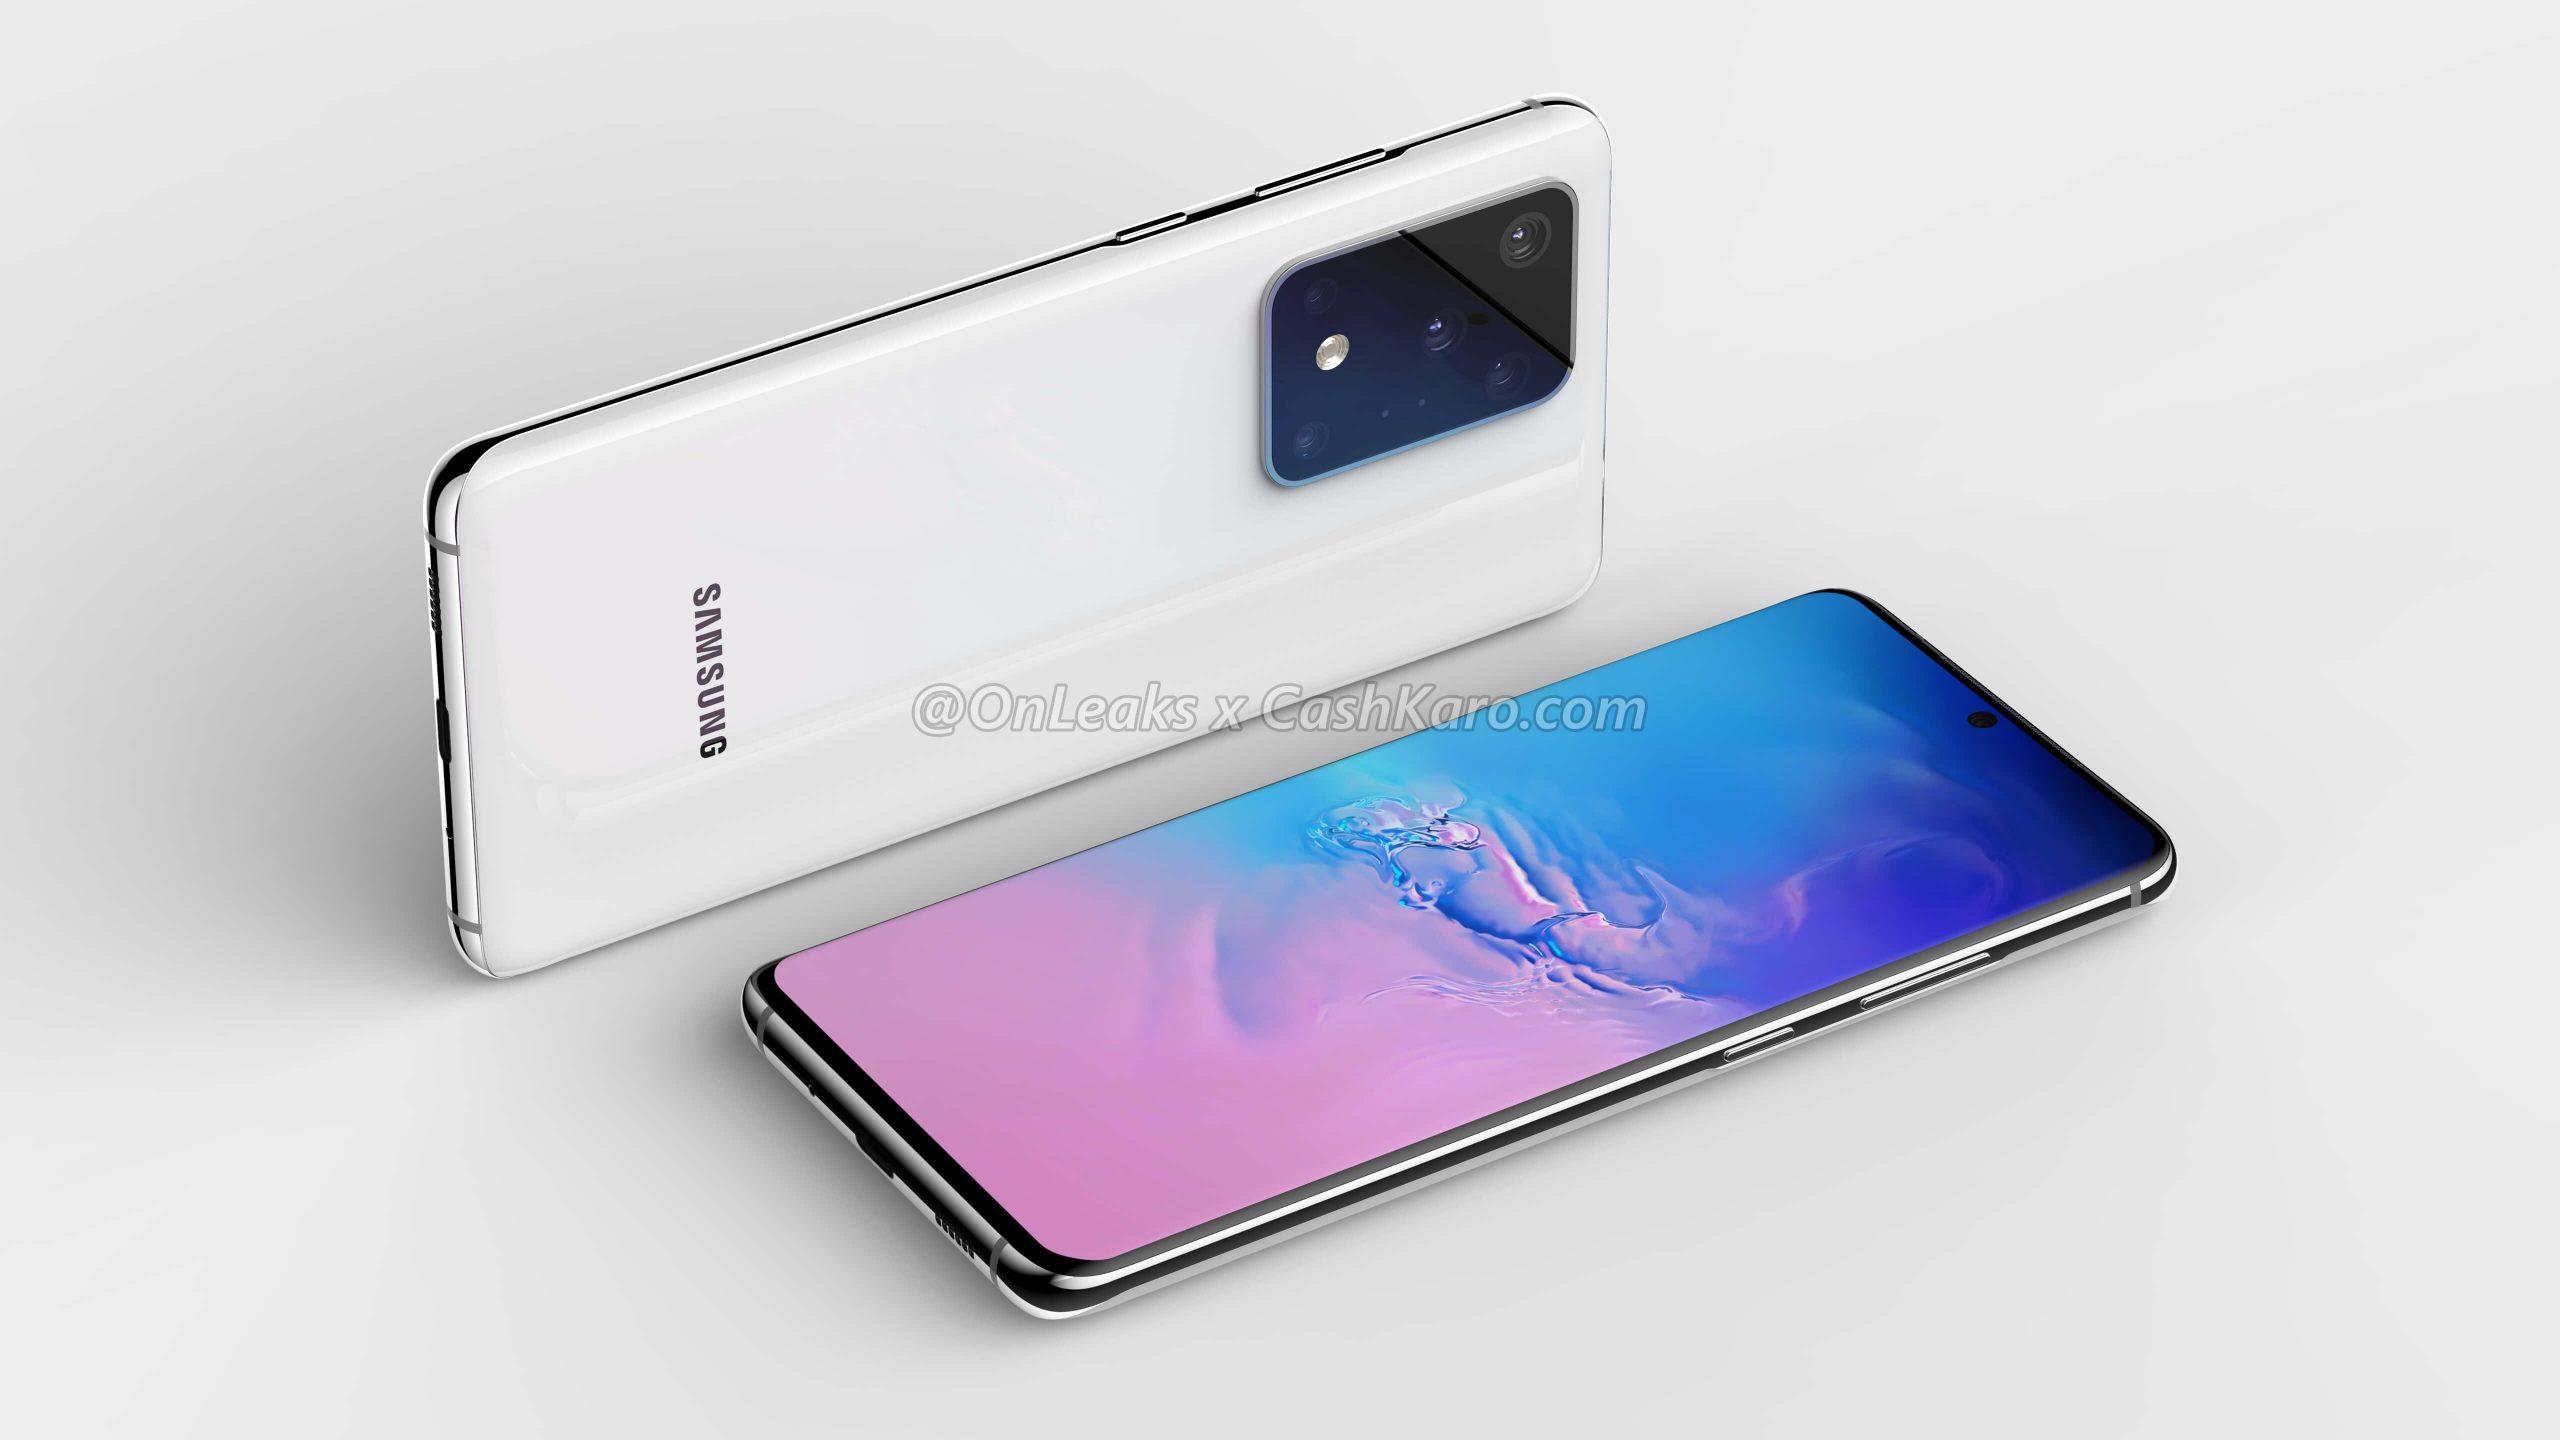 Video: So stellt man sich das Galaxy S11 vor 14 techboys.de • smarte News, auf den Punkt! Video: So stellt man sich das Galaxy S11 vor